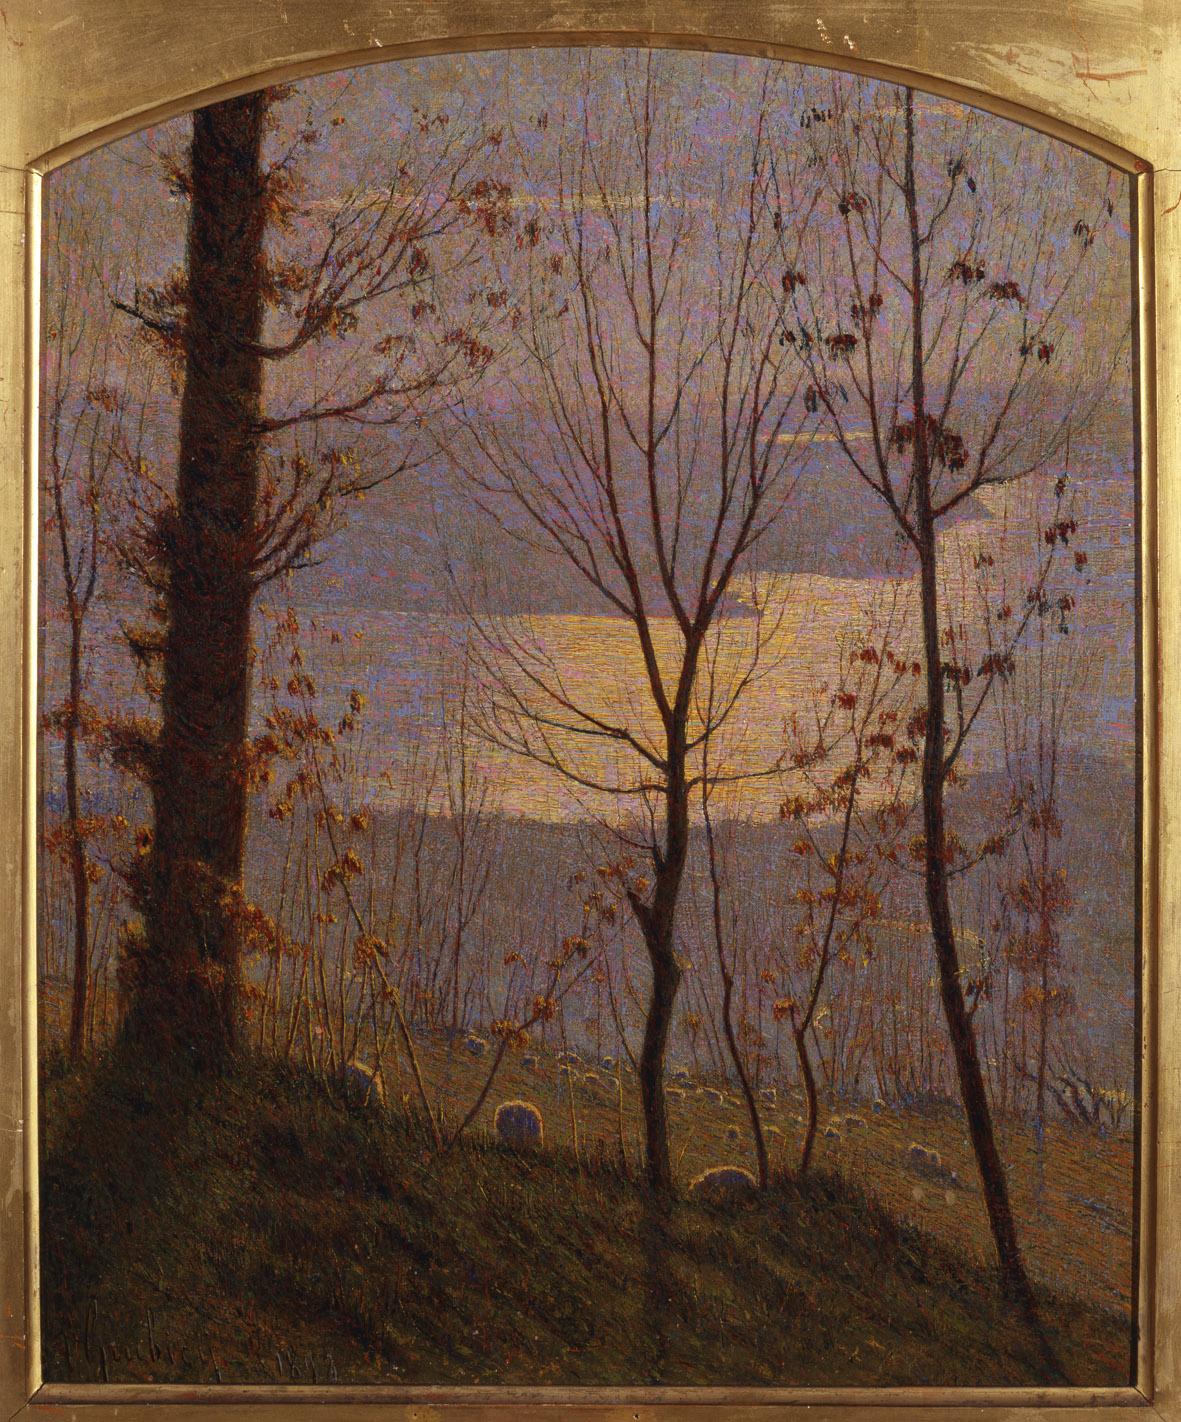 Vittore Grubicy de Dragon, Inverno (1898; olio su tela, 47,1 x 39,5 cm; Venezia, Galleria Internazionale d'Arte Moderna Ca' Pesaro)